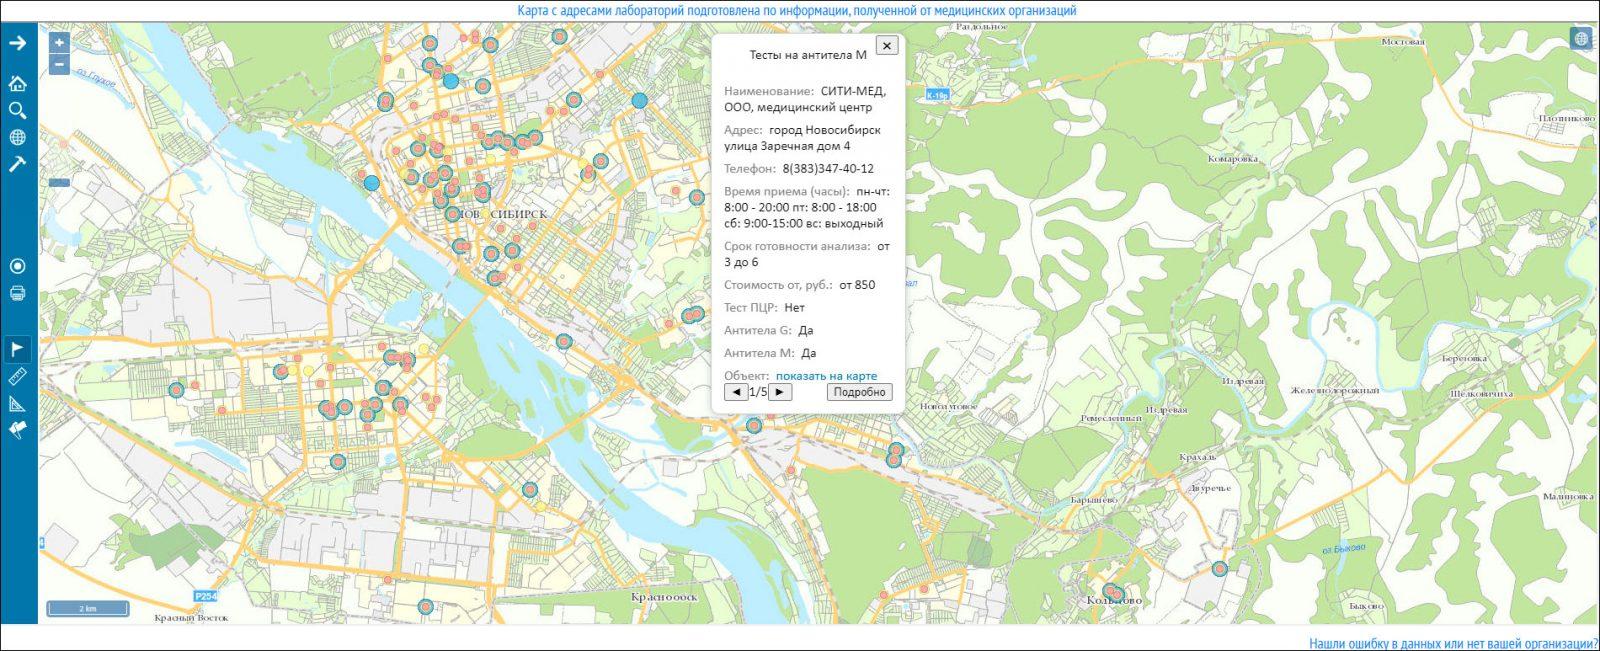 В Новосибирской области появилась карта пунктов тестирования на коронавирус